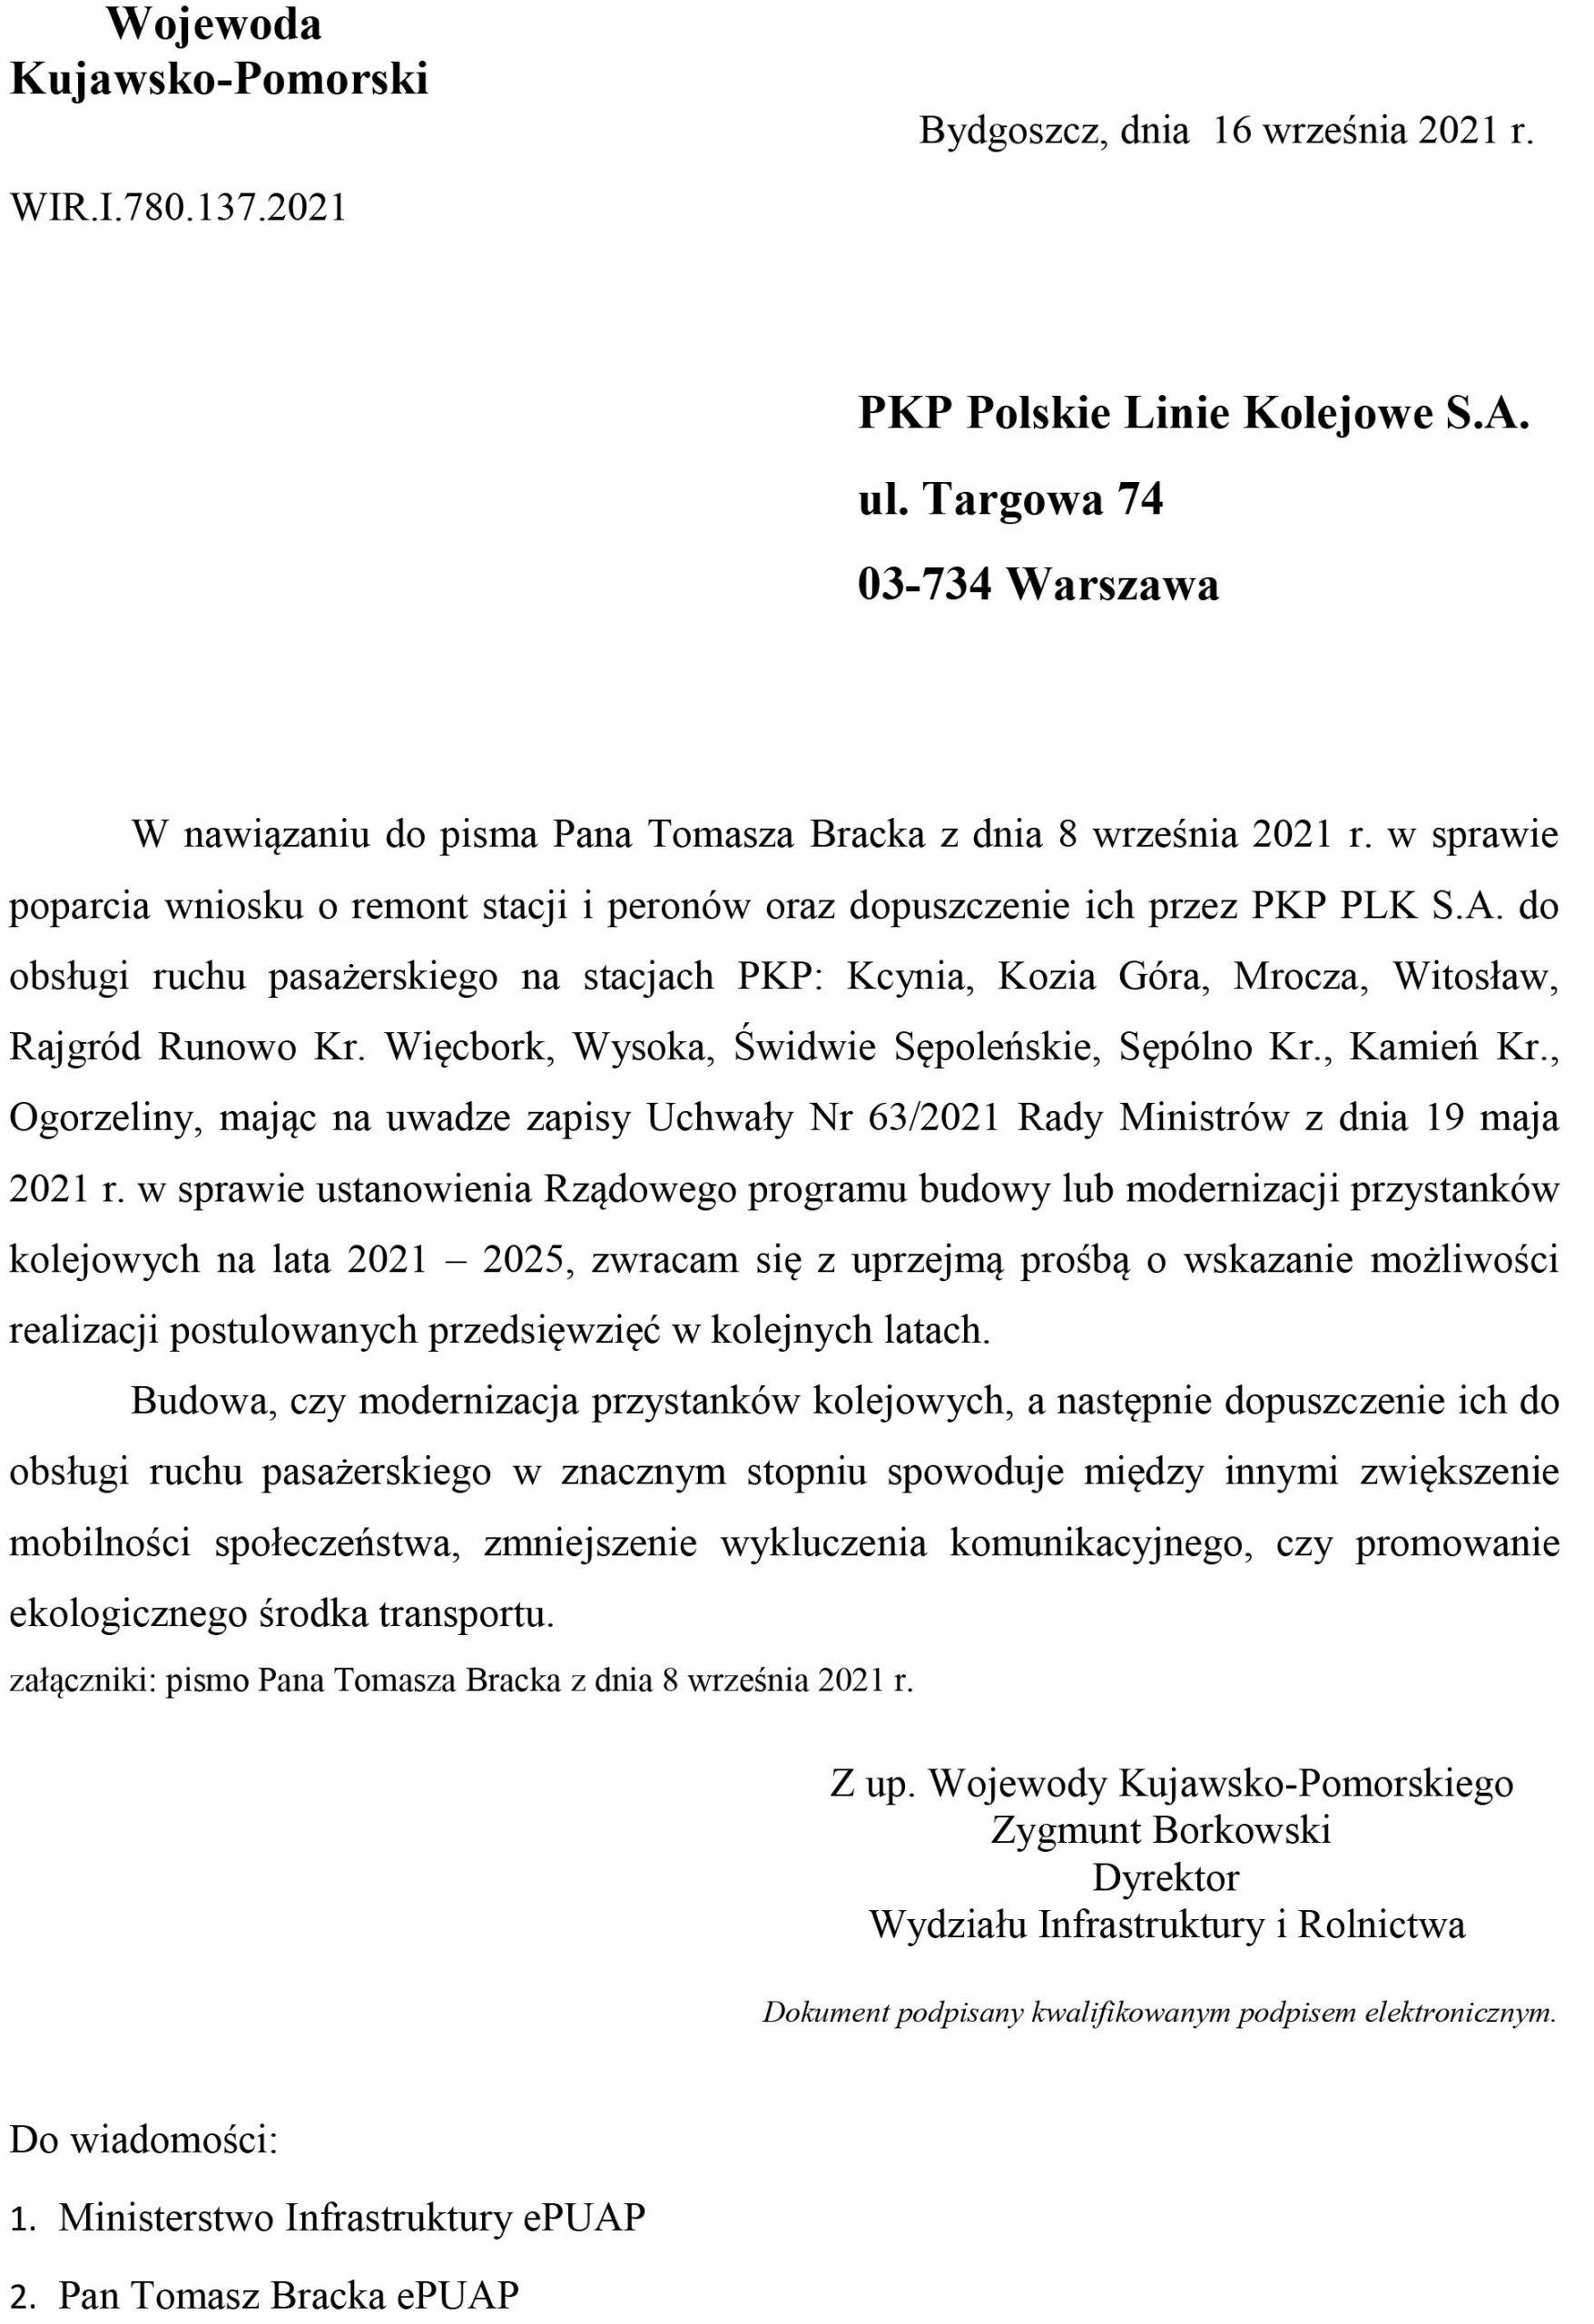 Dziękuję Panu Wojewodzie Kujawsko - Pomorskiemu zawsparcie ipoparcie wZarządzie PKP PK SA wWarszawie mojegowniosku narzecz remontów iprzywrócenia doużytku publicznego wszystkich zamkniętych stacji PKP, przystanków kolejowych, peronów nalinii kolejowej nr281 odKcyni przezWięcbork doChojnic narzecz wznowienia przewozów pasażerskich PKP natejlinii kolejowej ! Rzeczony powyżej dokument wzałączeniu. Tomasz Roman Bracka